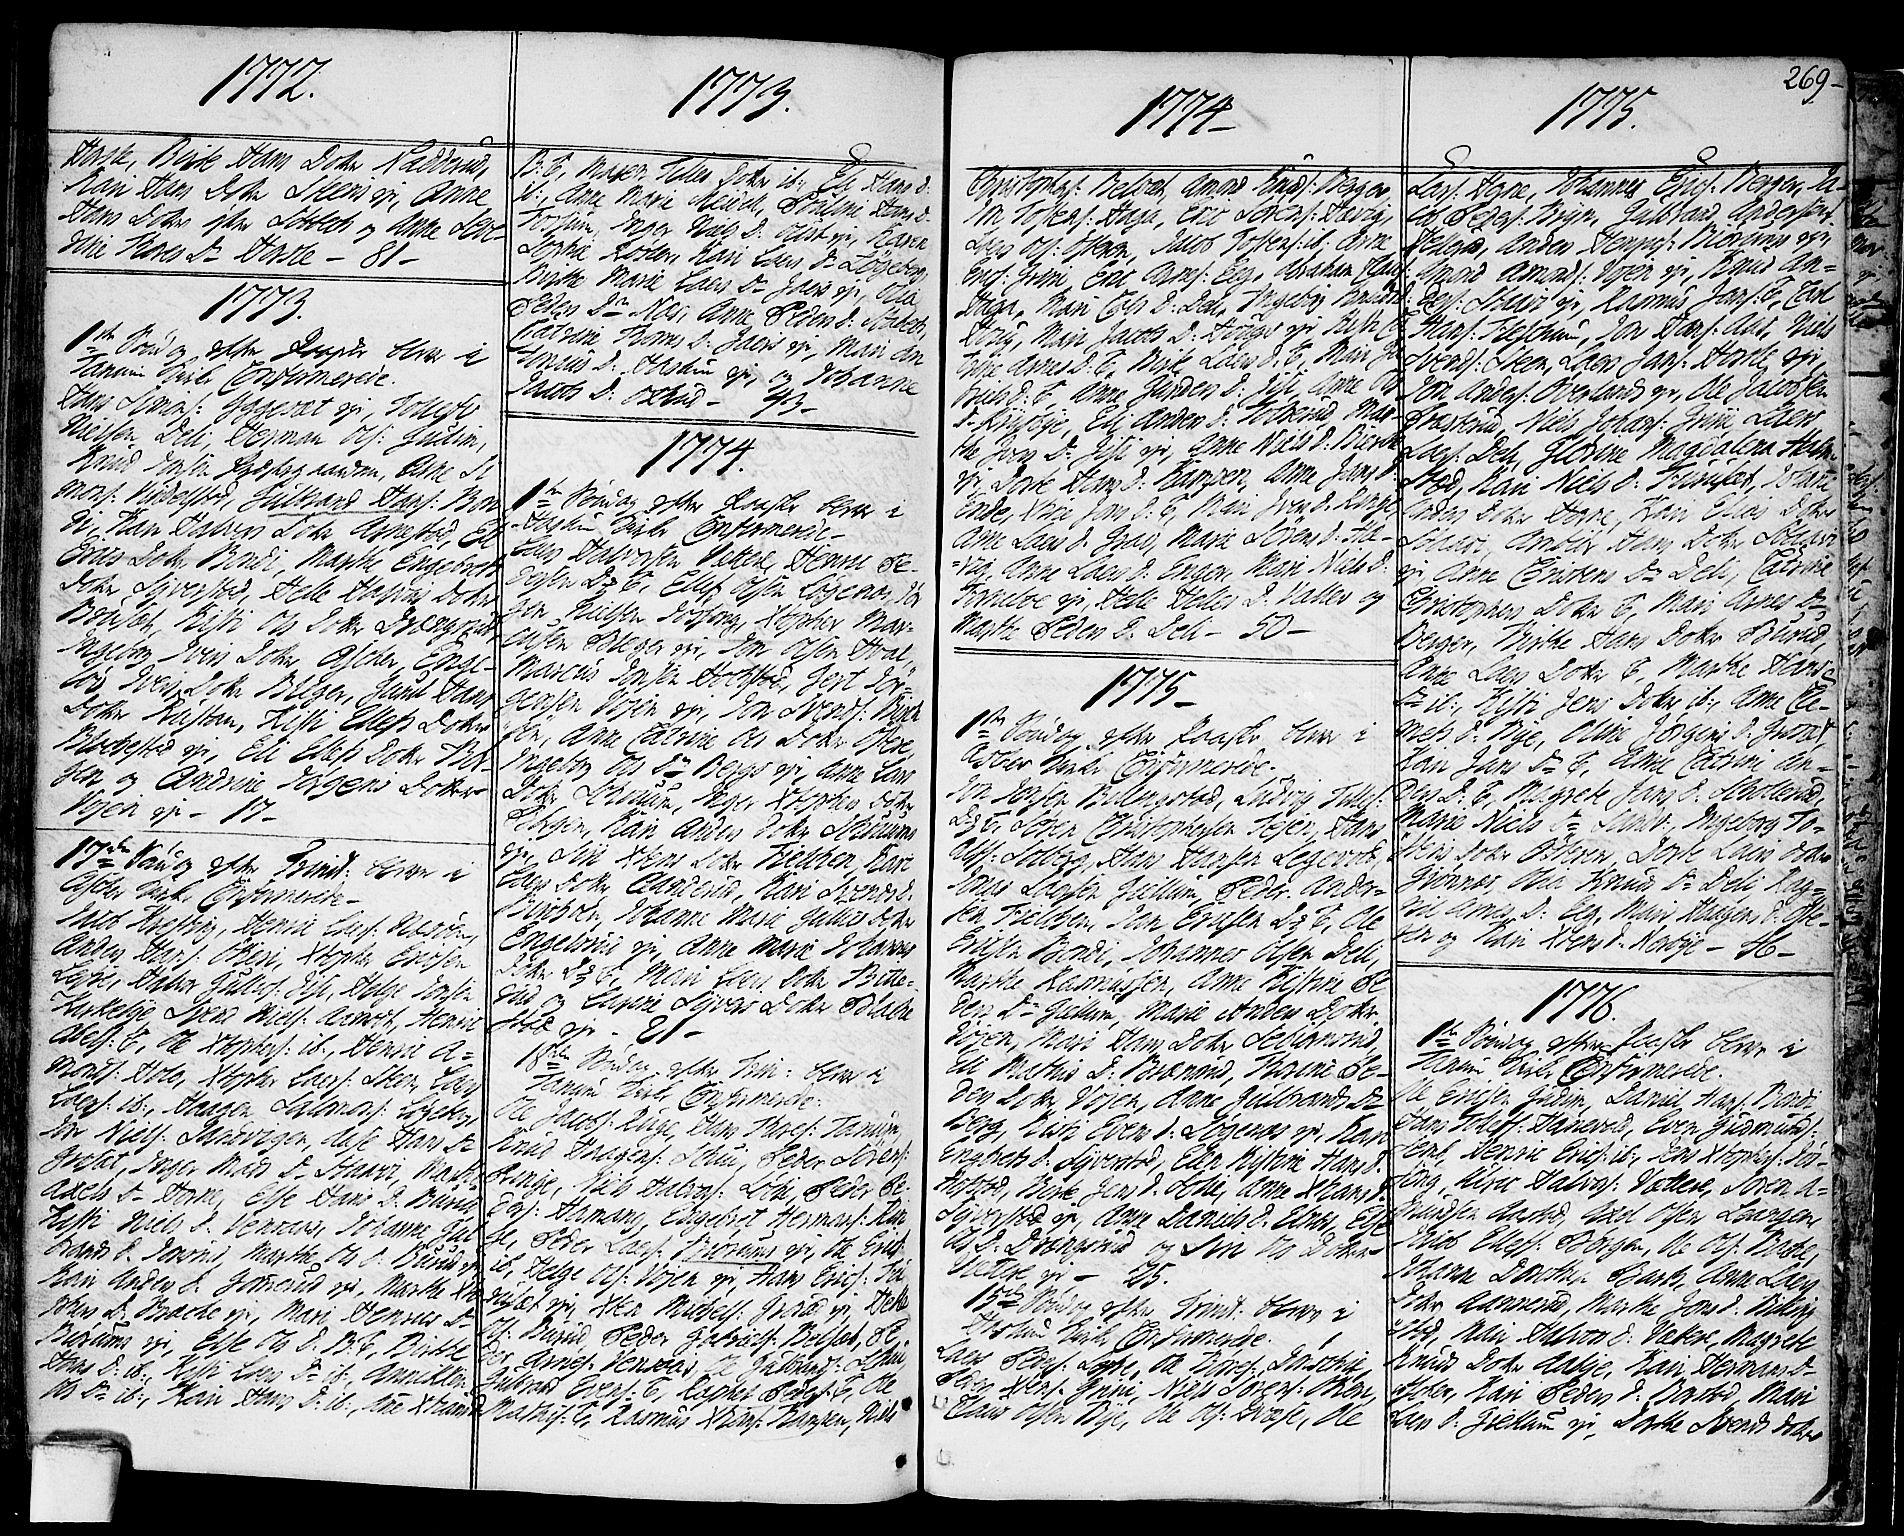 SAO, Asker prestekontor Kirkebøker, F/Fa/L0003: Ministerialbok nr. I 3, 1767-1807, s. 269